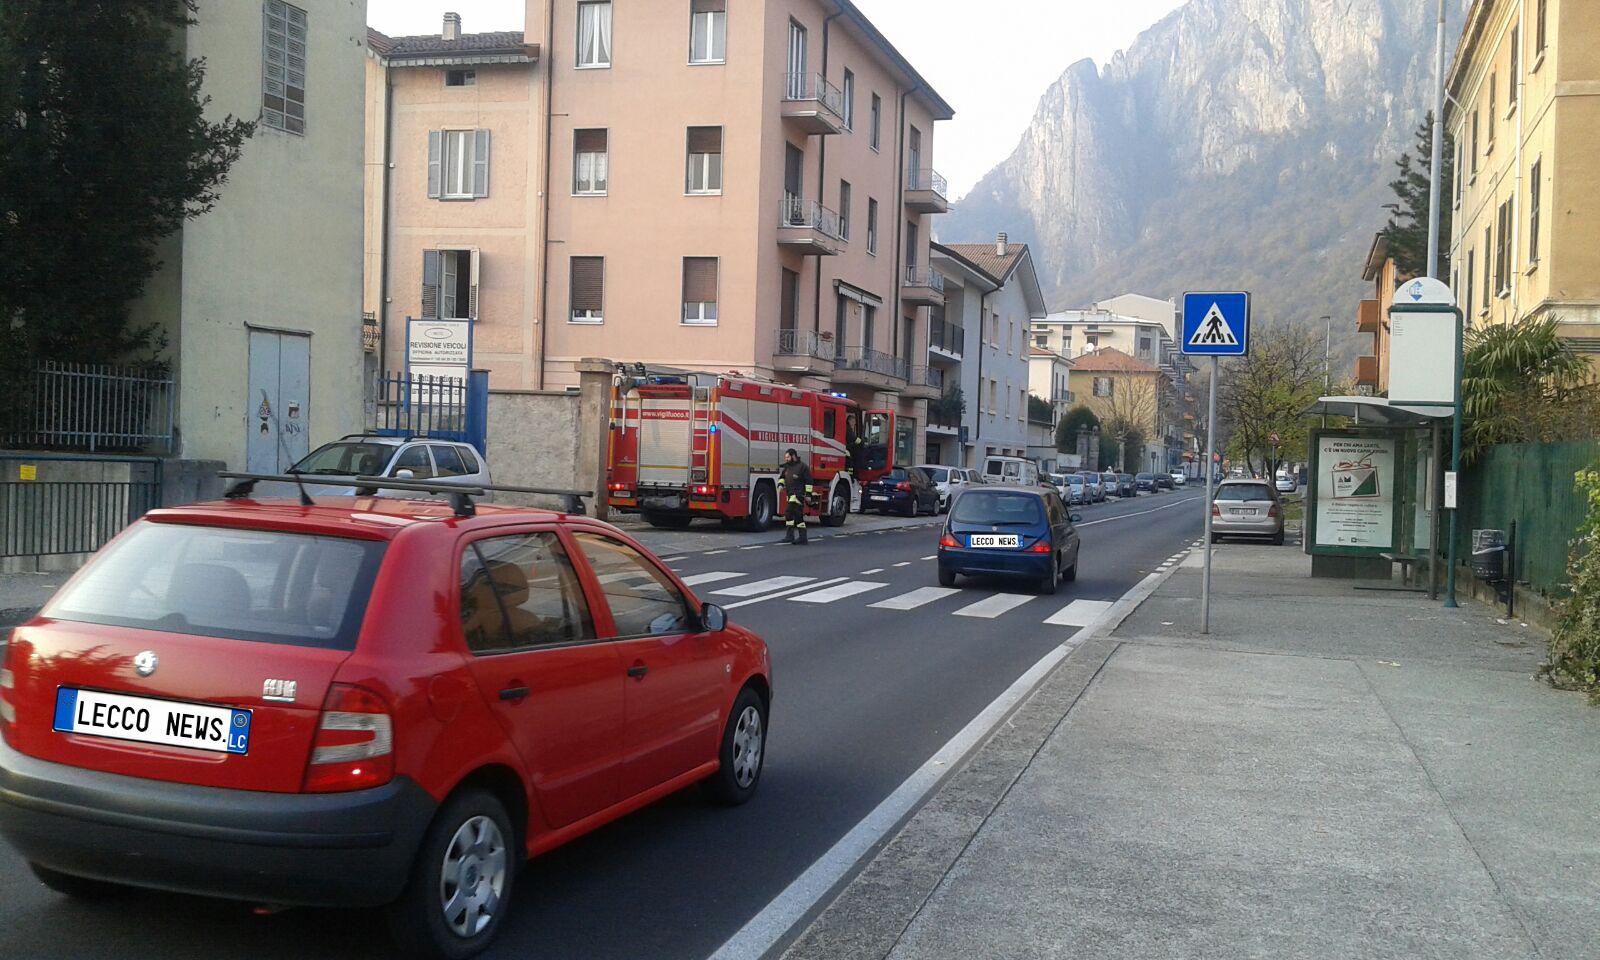 lecco pompieri via pasubio   Lecco News Notizie dell'ultima ora di Lecco,  lago di Como, Resegone, Valsassina, Brianza. Eventi, traffico